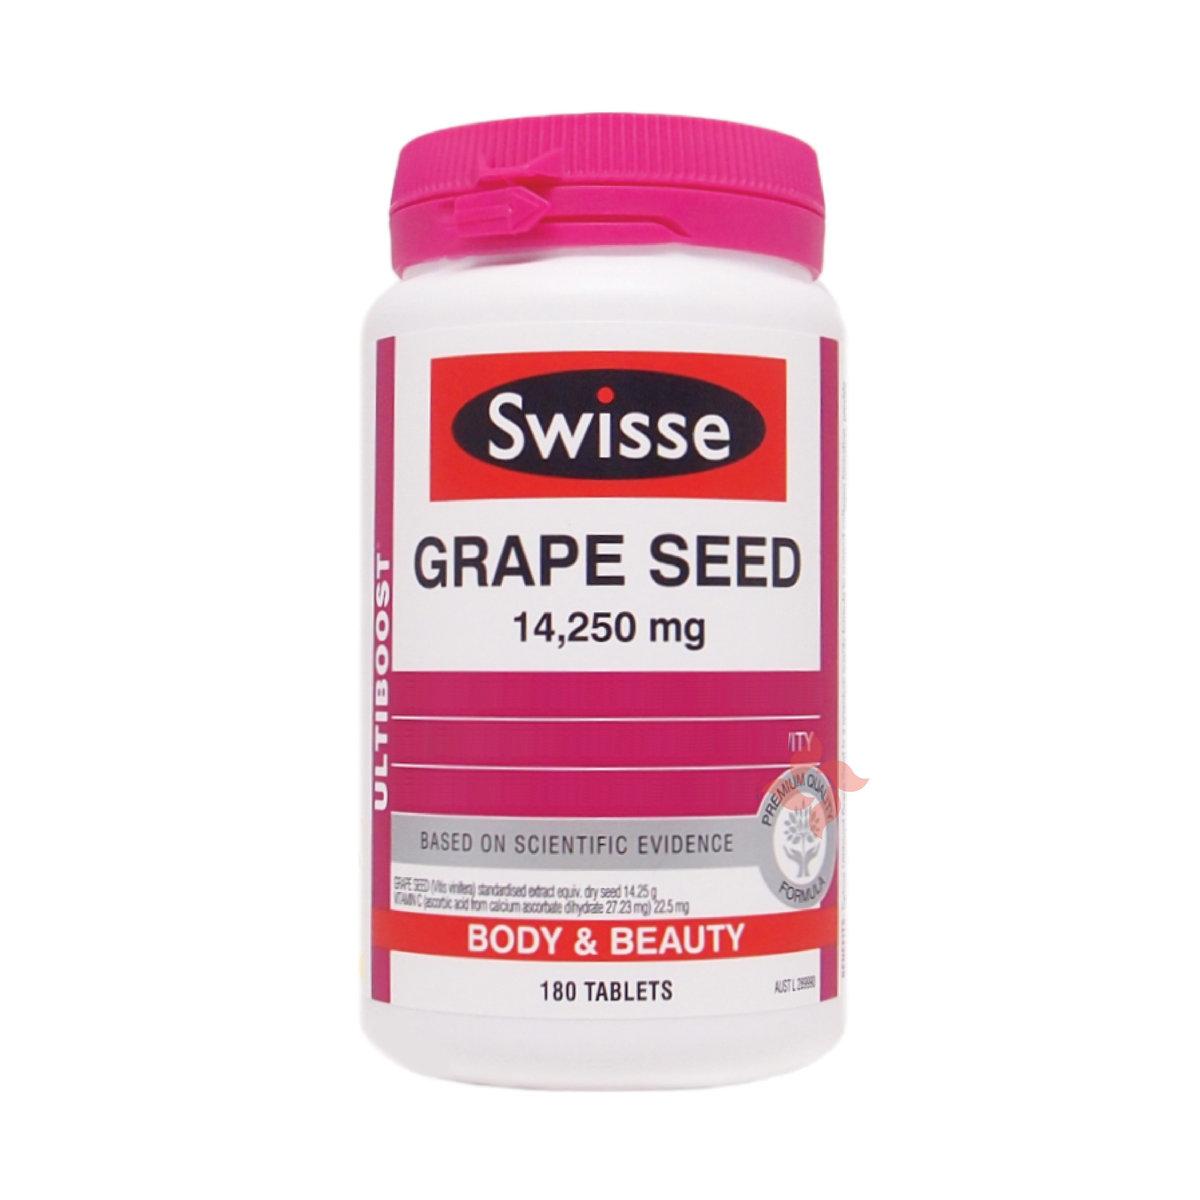 Ultiboost Grape Seed 14,250mg 180 Tablets (9311770597319)